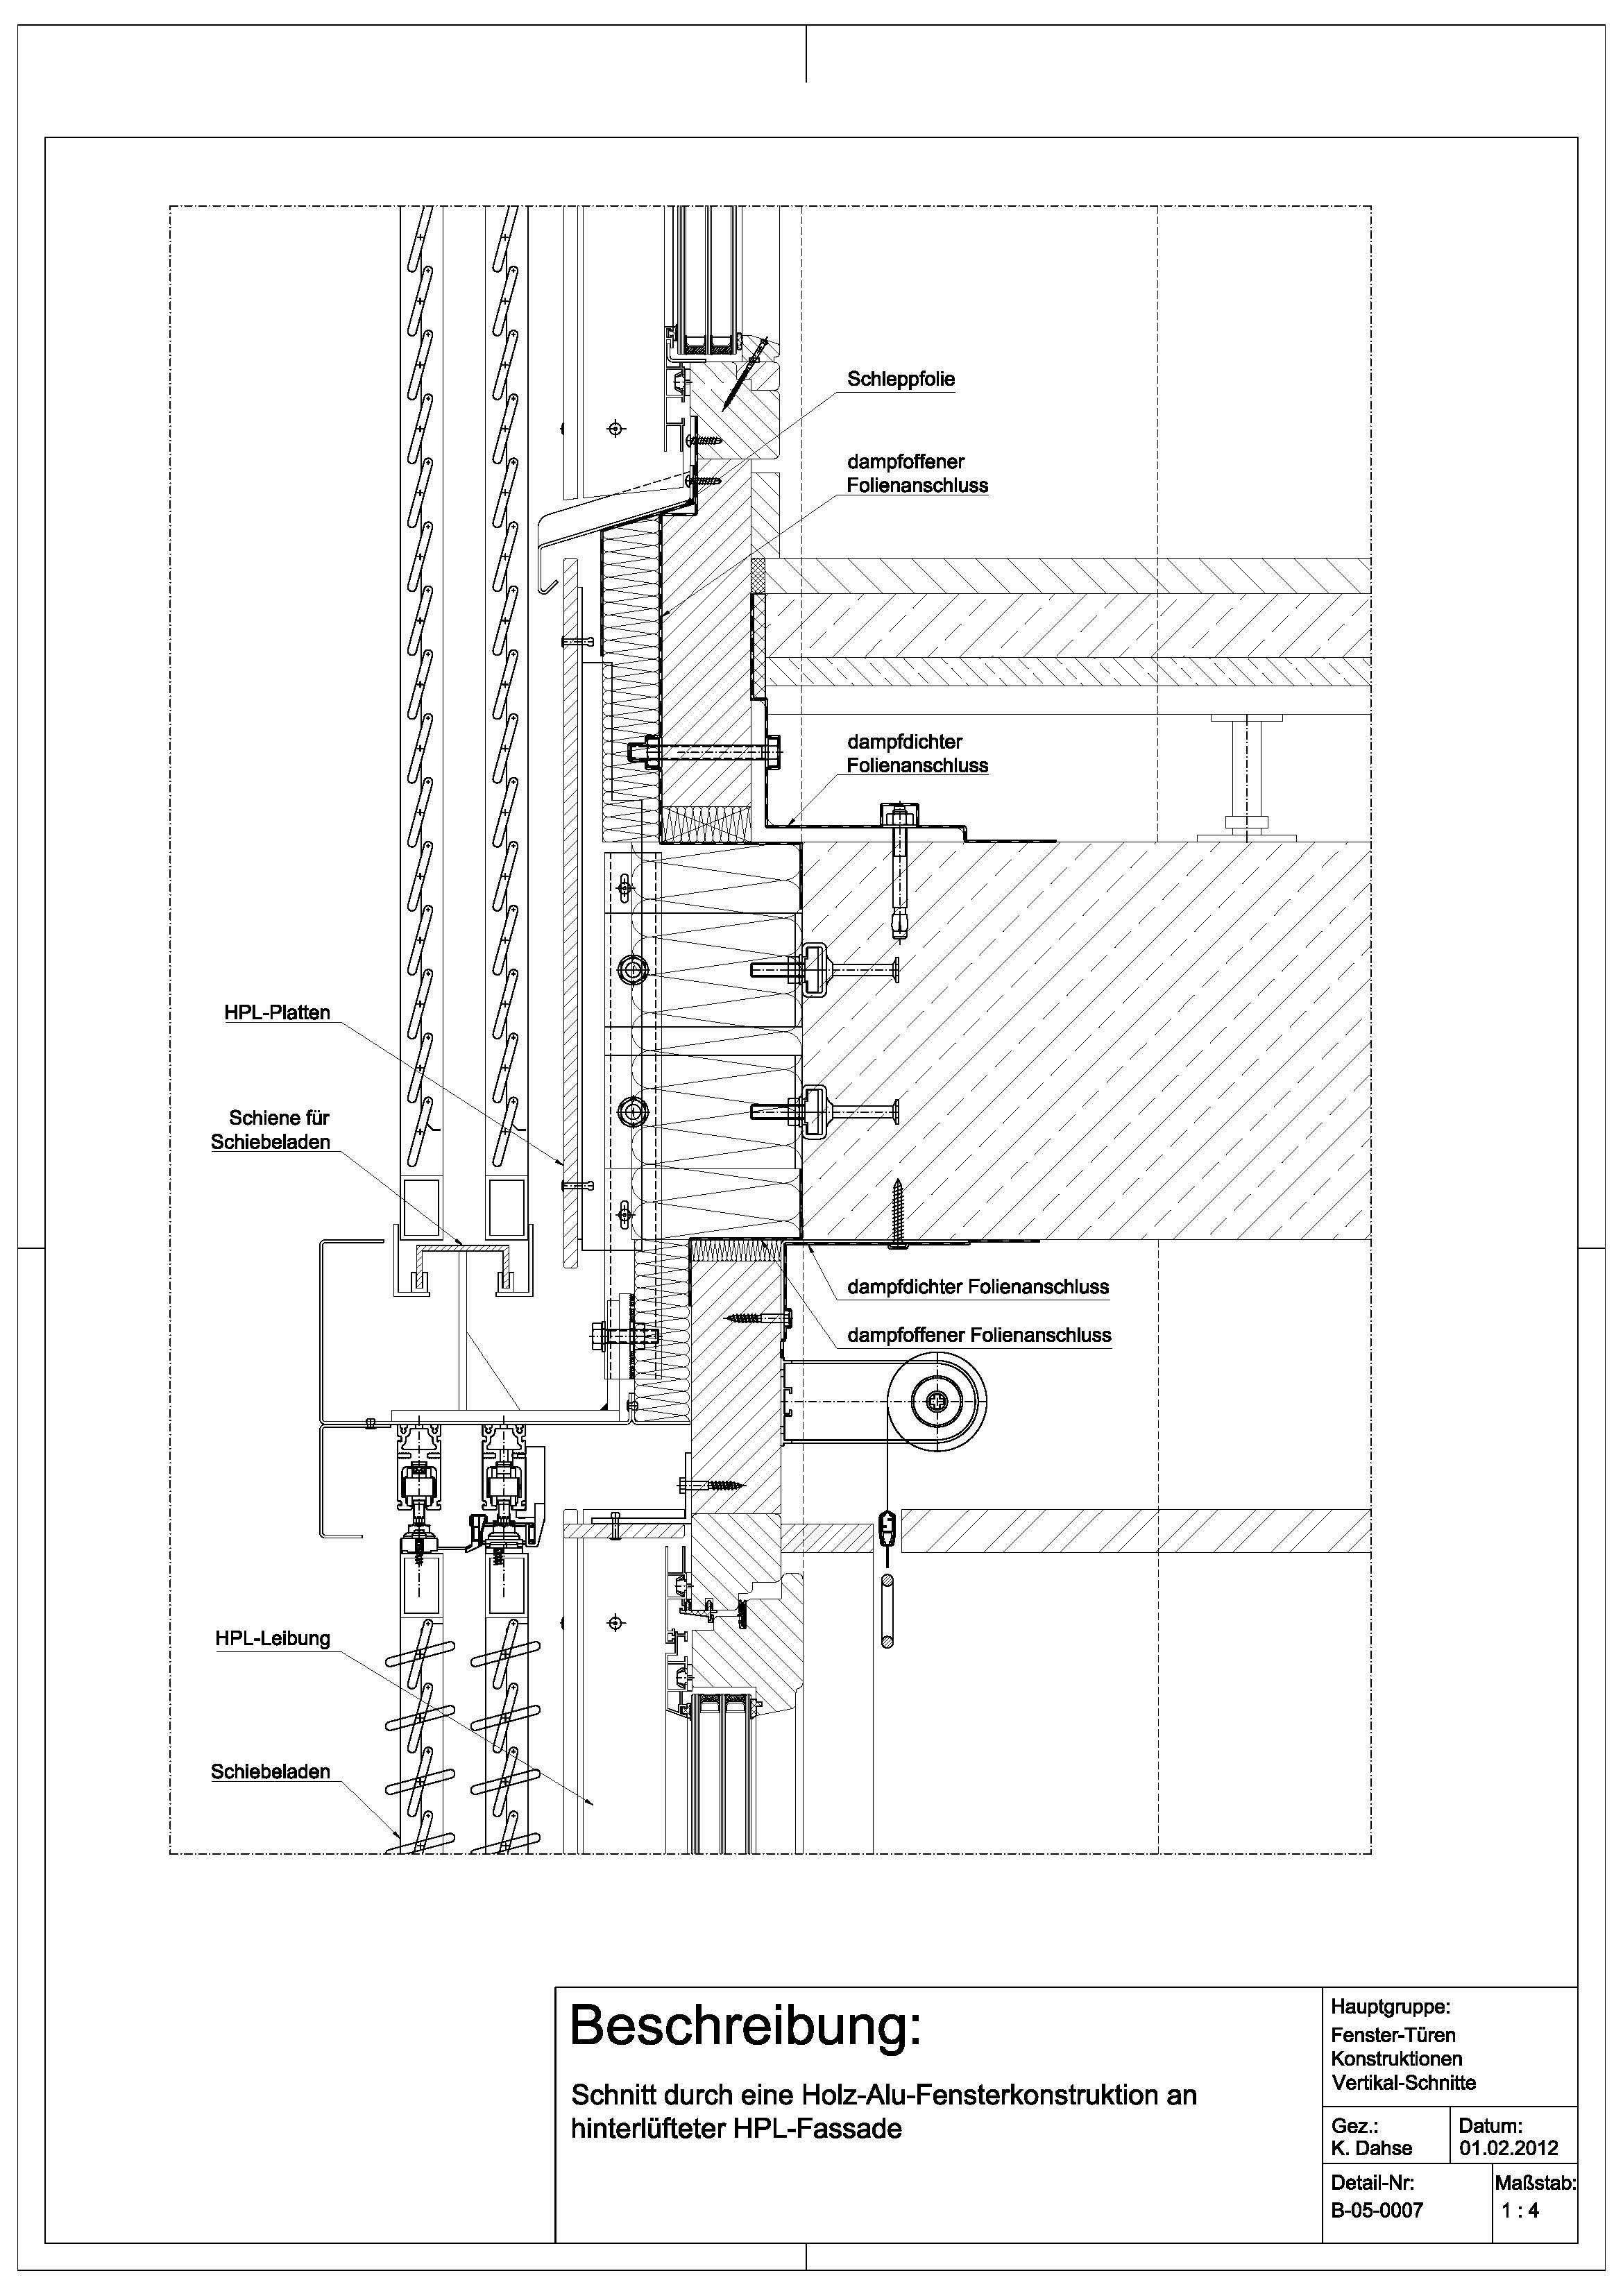 Tür vertikalschnitt  B-05-0007 Schnitt durch eine Holz-Alu-Fensterkonstruktion an ...